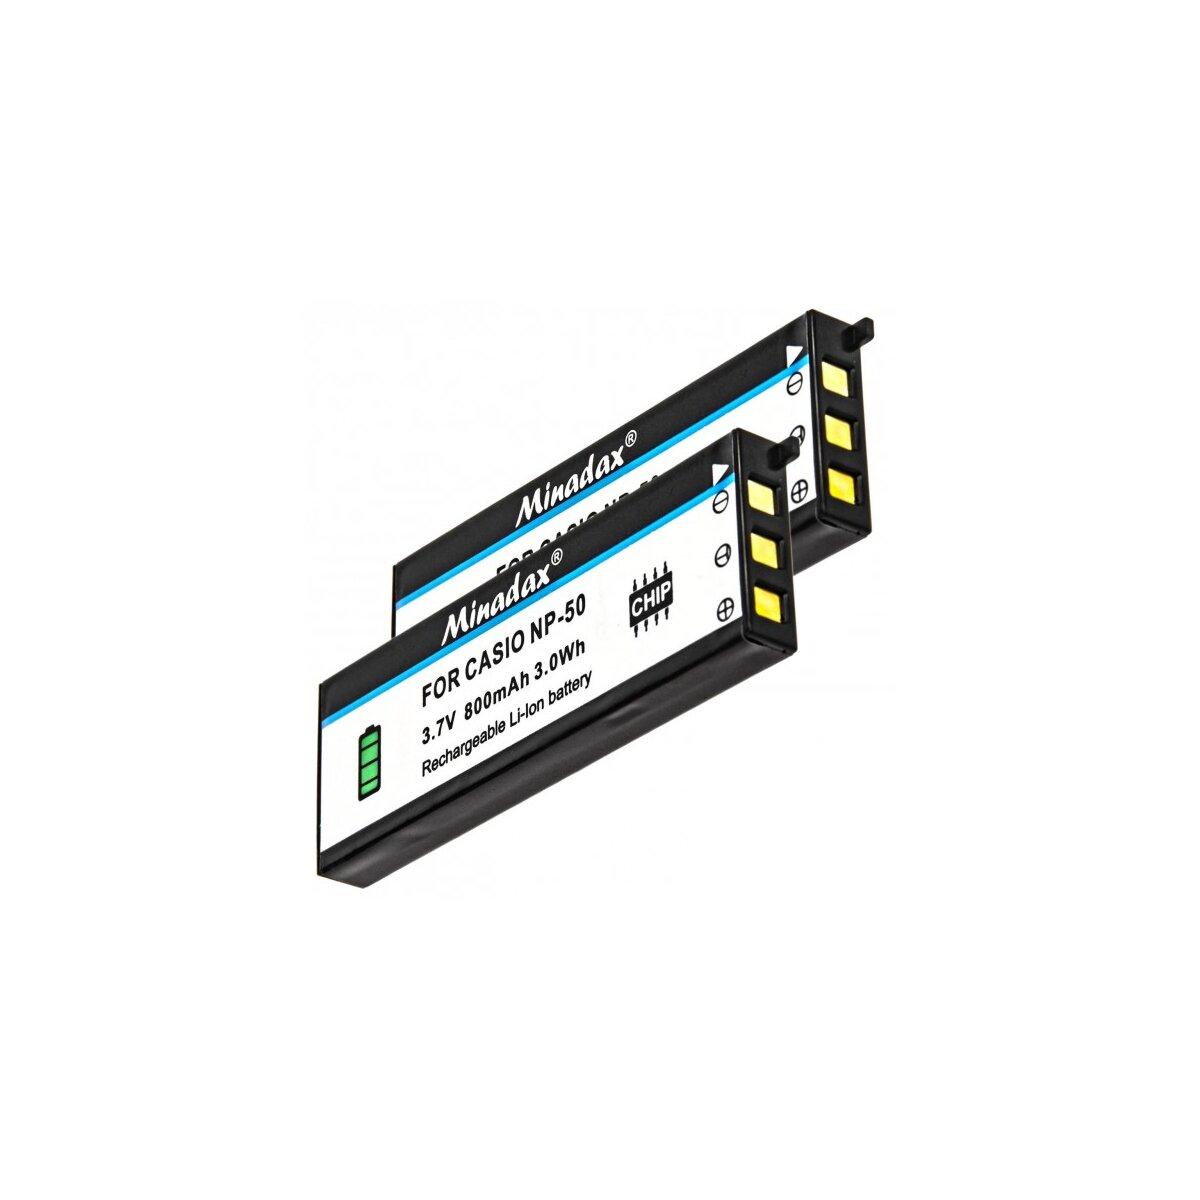 2x Minadax Qualitätsakku mit echten 800 mAh kompatibel für Casio EX-V8, EX-V8SR, Exilim EX-V7SR, Exilim EX-V7 / FUJIFILM X10, Ersatz für NP-50 - Intelligentes Akkusystem mit Chip